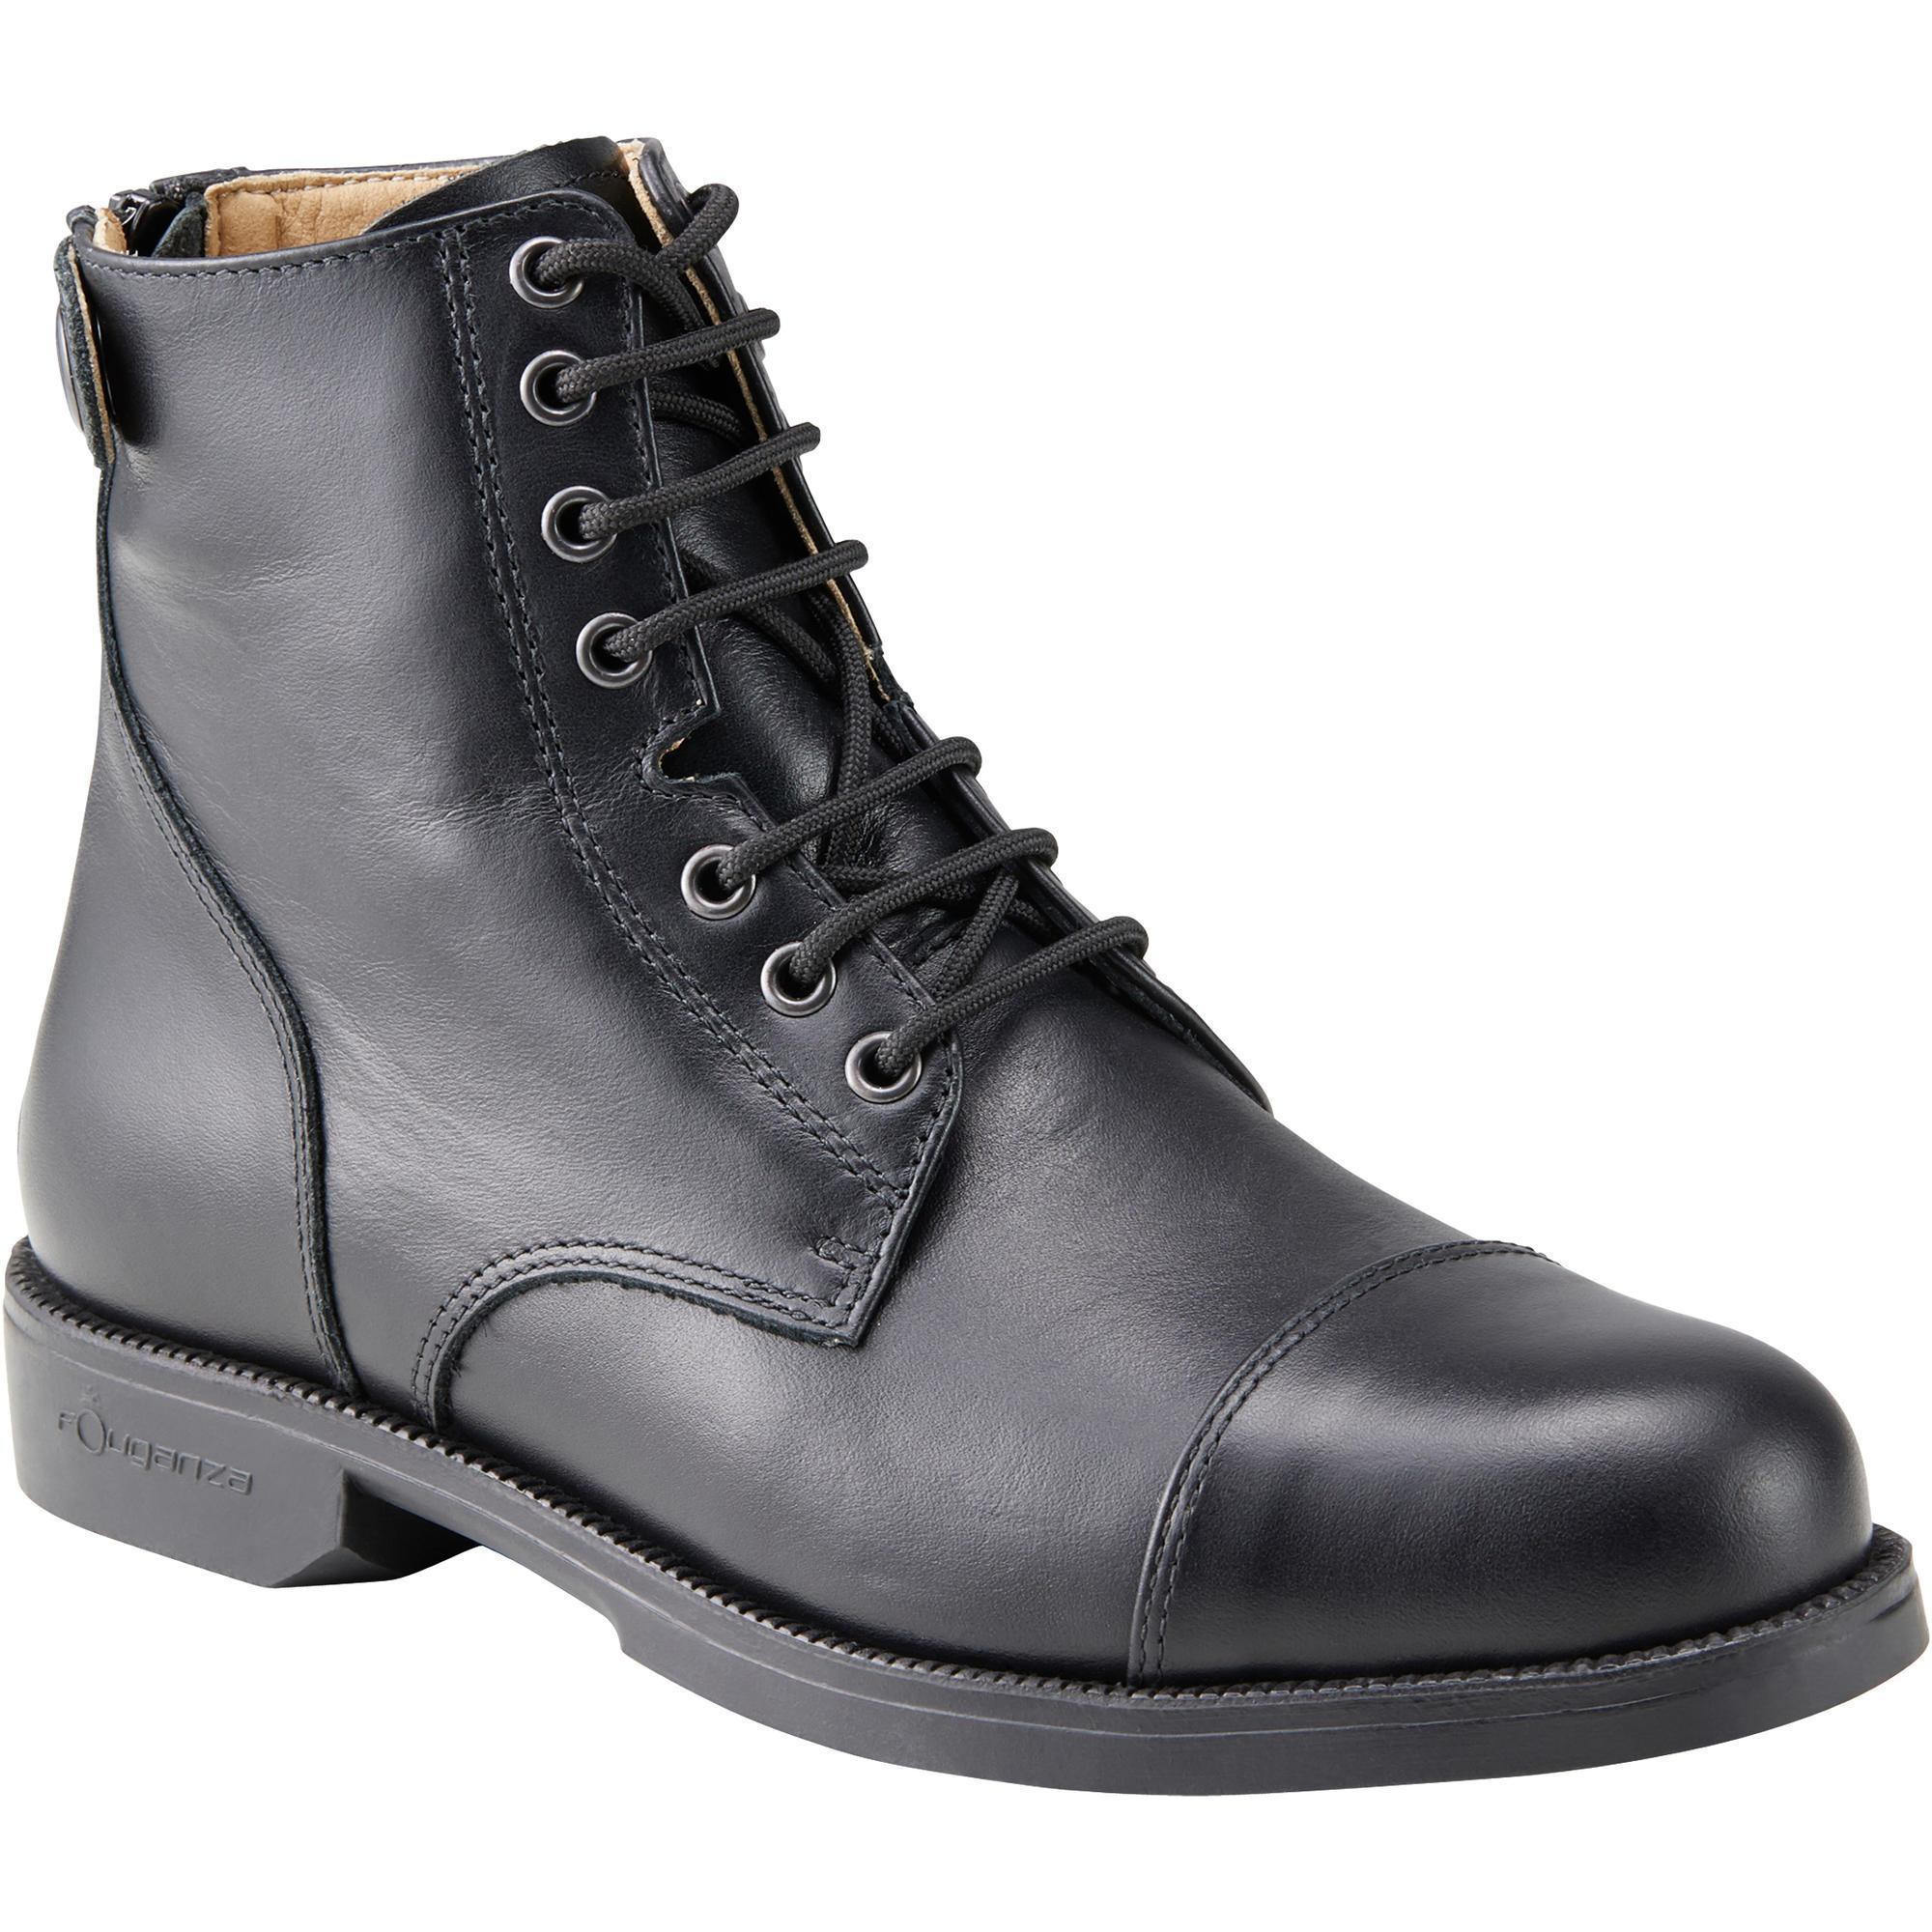 Reitstiefeletten Paddock 560 geschnürt Leder Erwachsene schwarz   Schuhe > Sportschuhe > Reitstiefel   Schwarz   Leder   Fouganza